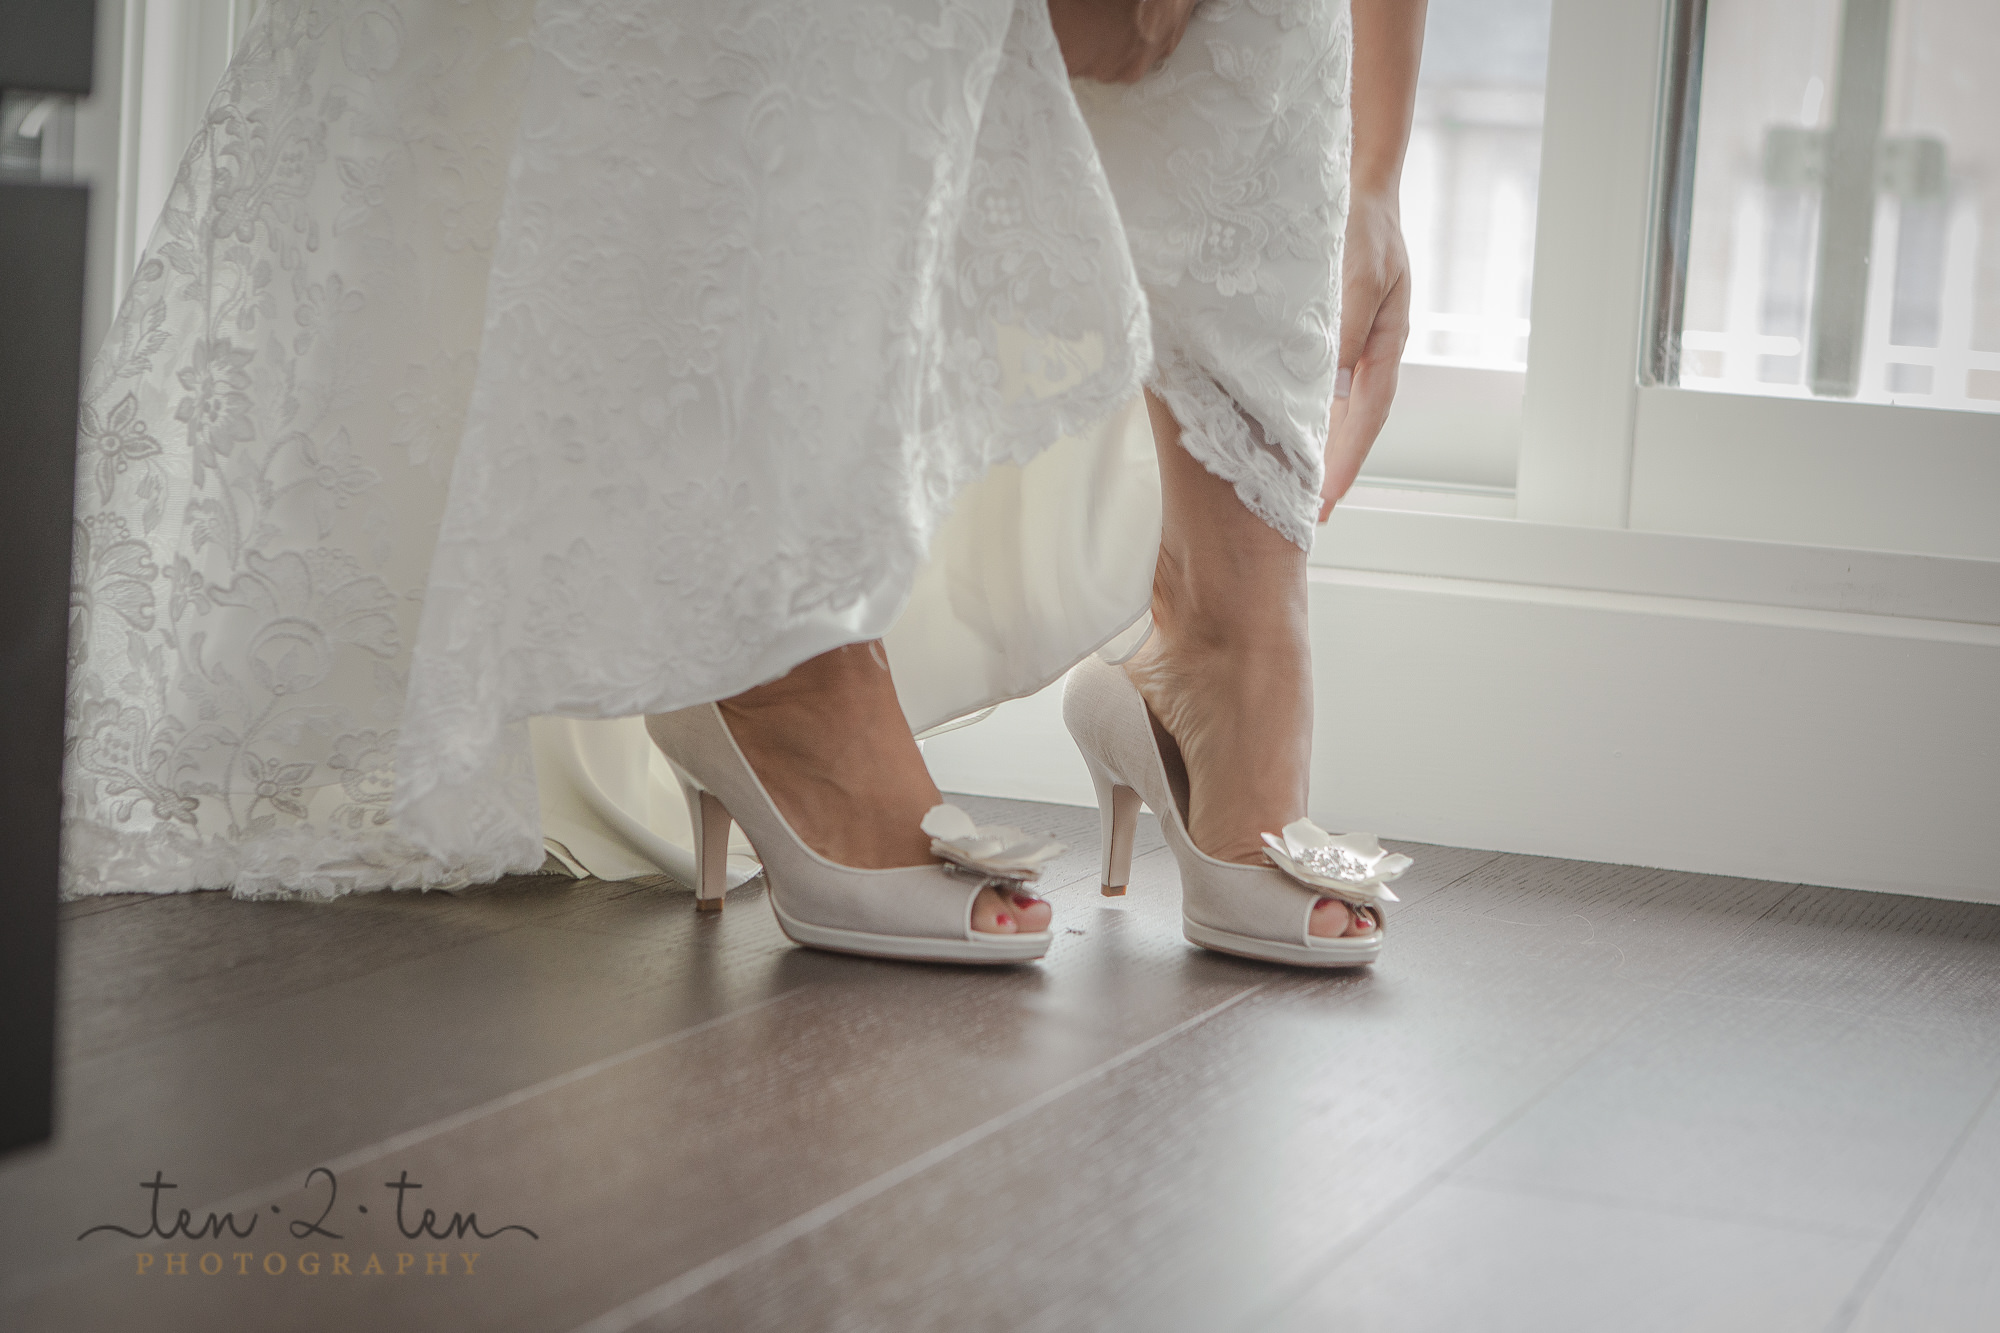 mildreds temple kitchen wedding photos 52 - Mildred's Temple Kitchen Wedding Photos